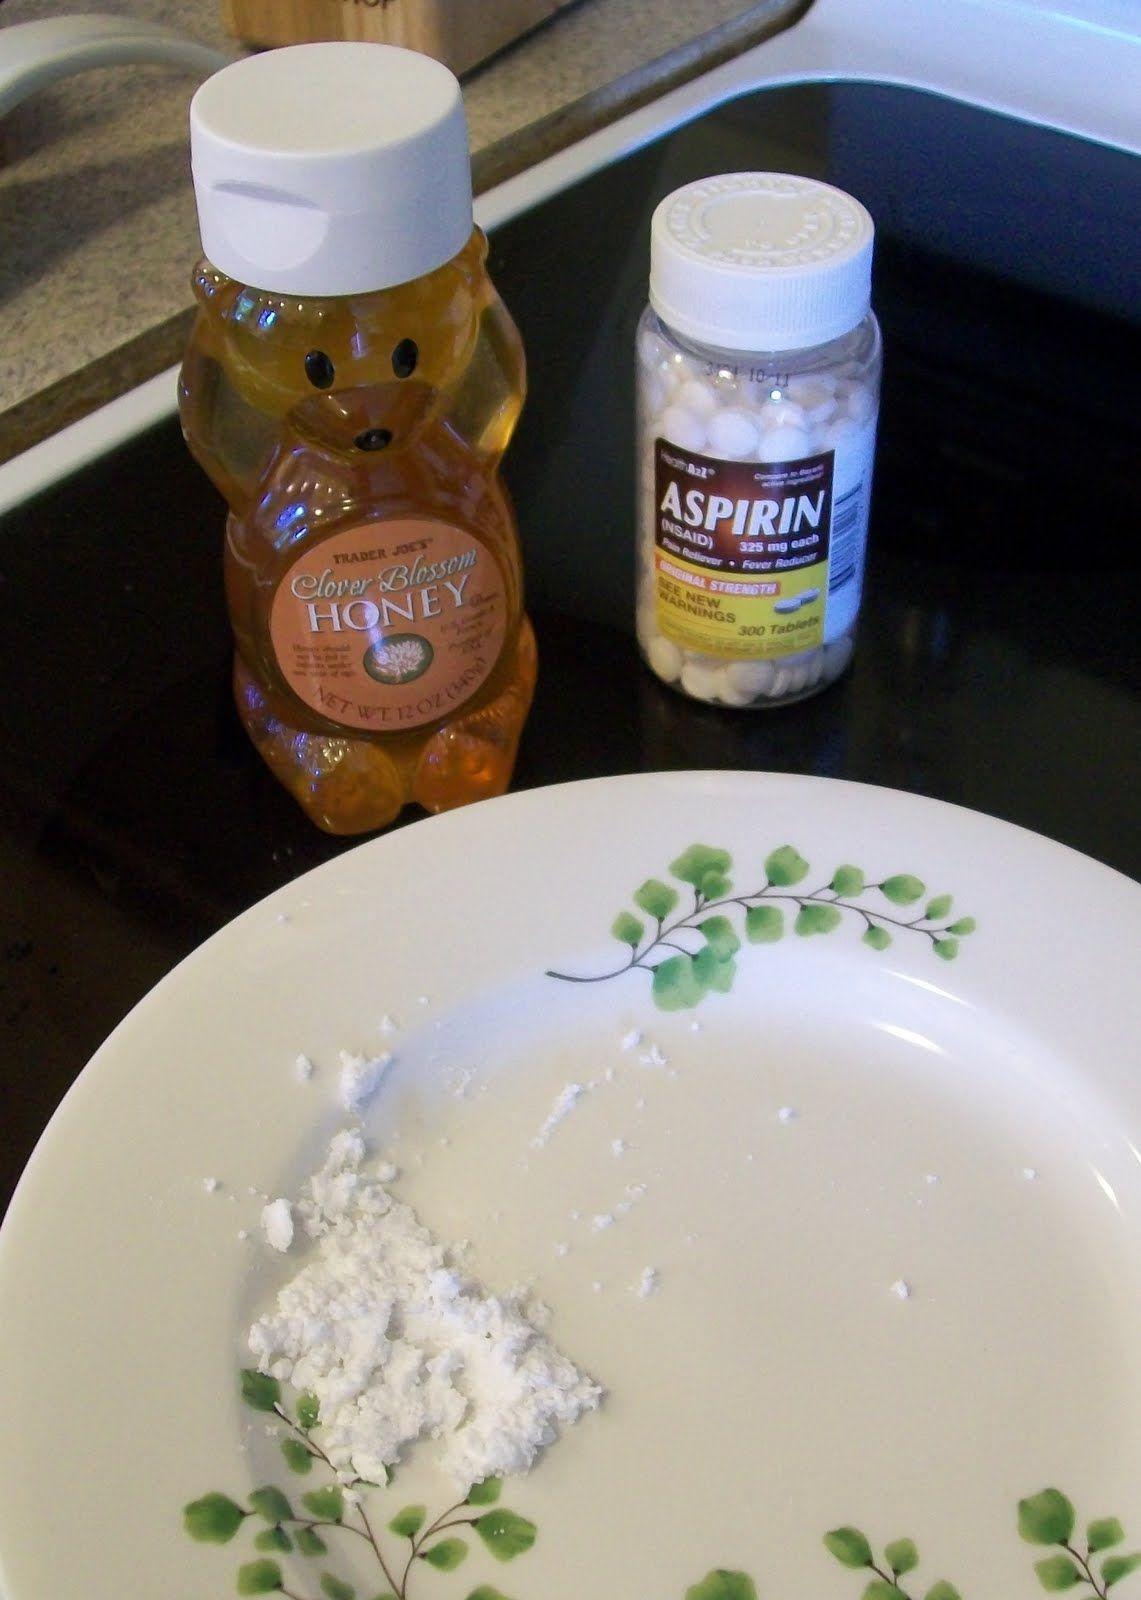 Cheap wife homemade face mask aspirin honey beauty